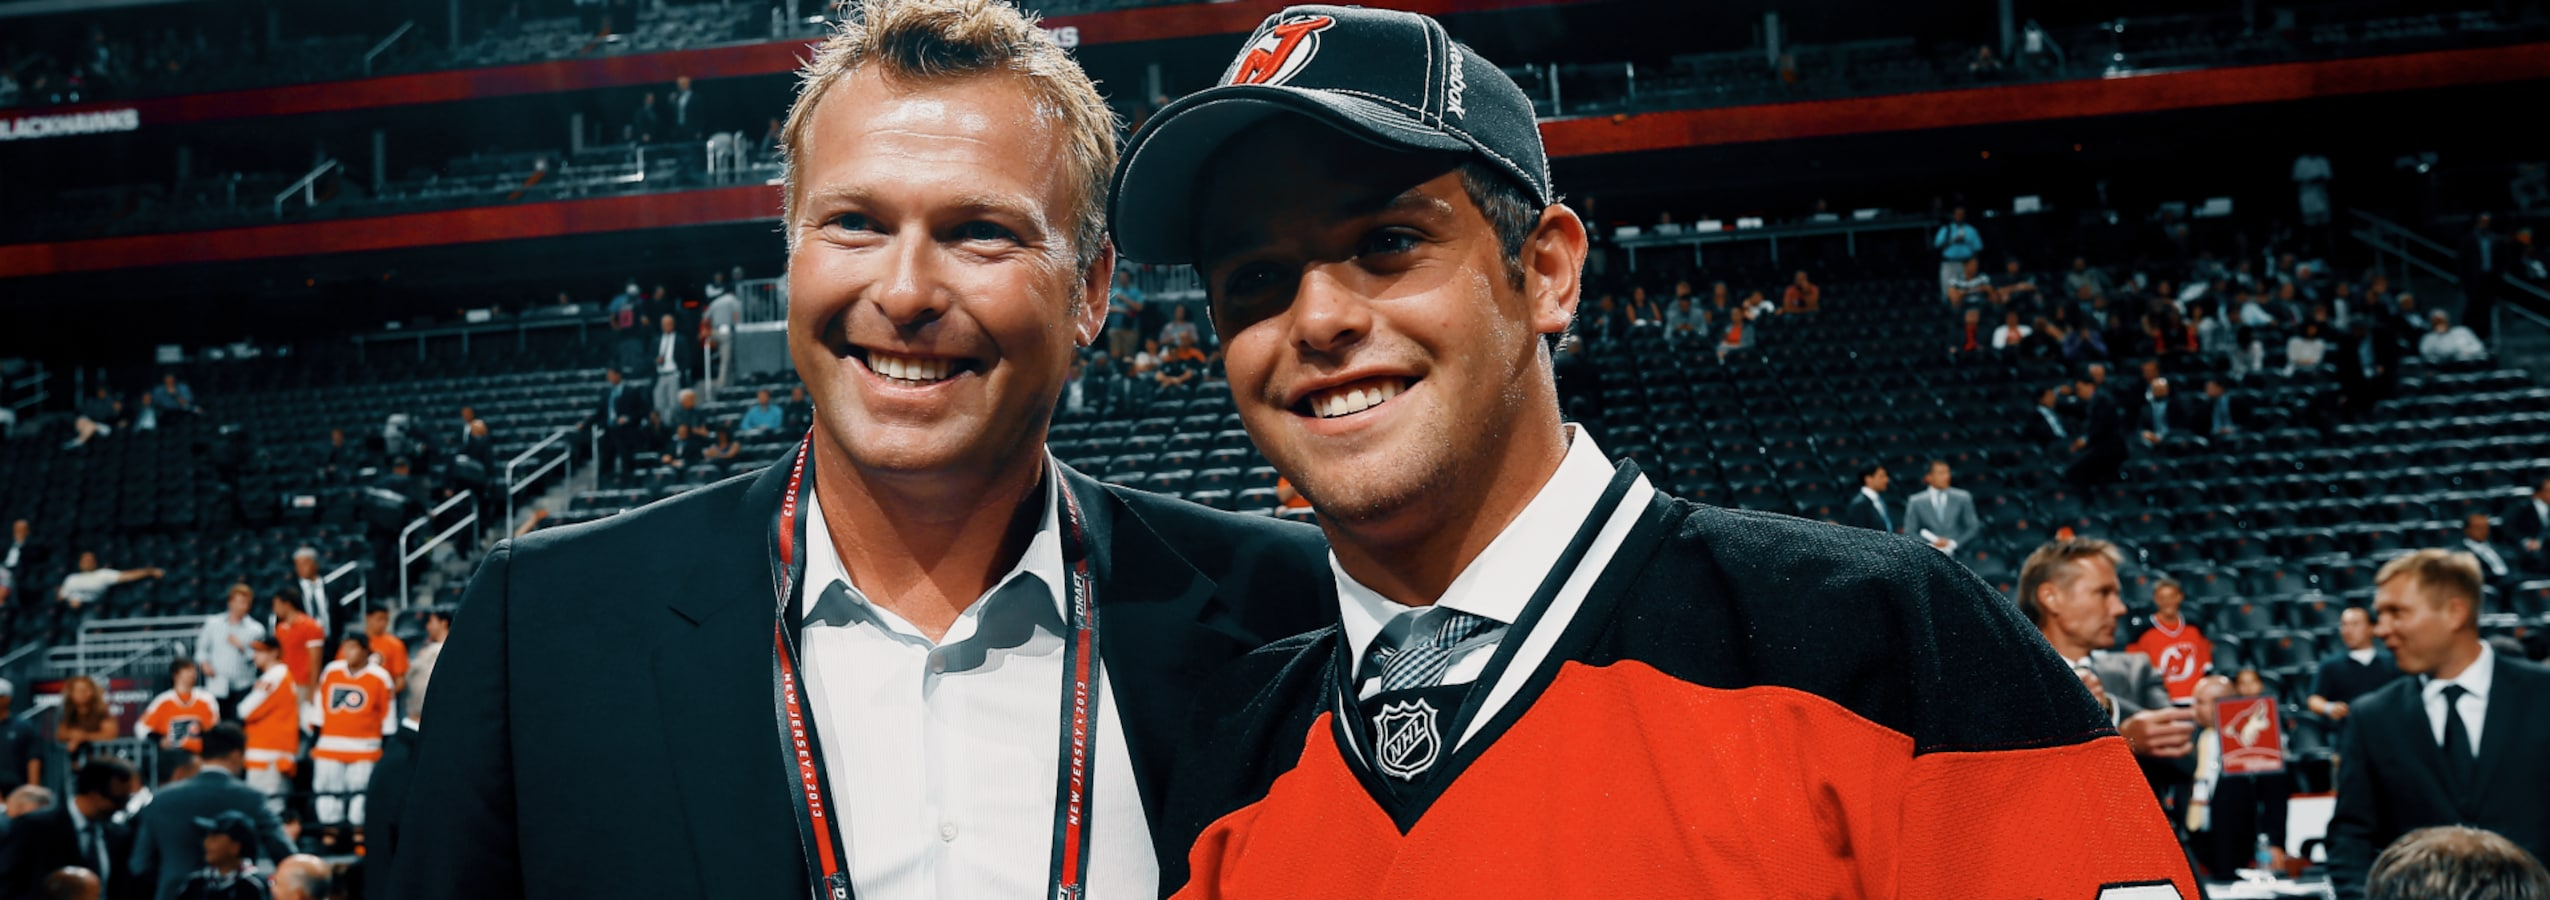 Anthony Brodeur, portant le chandail des Devils du New Jersey, se tient debout à côté de son père Martin.